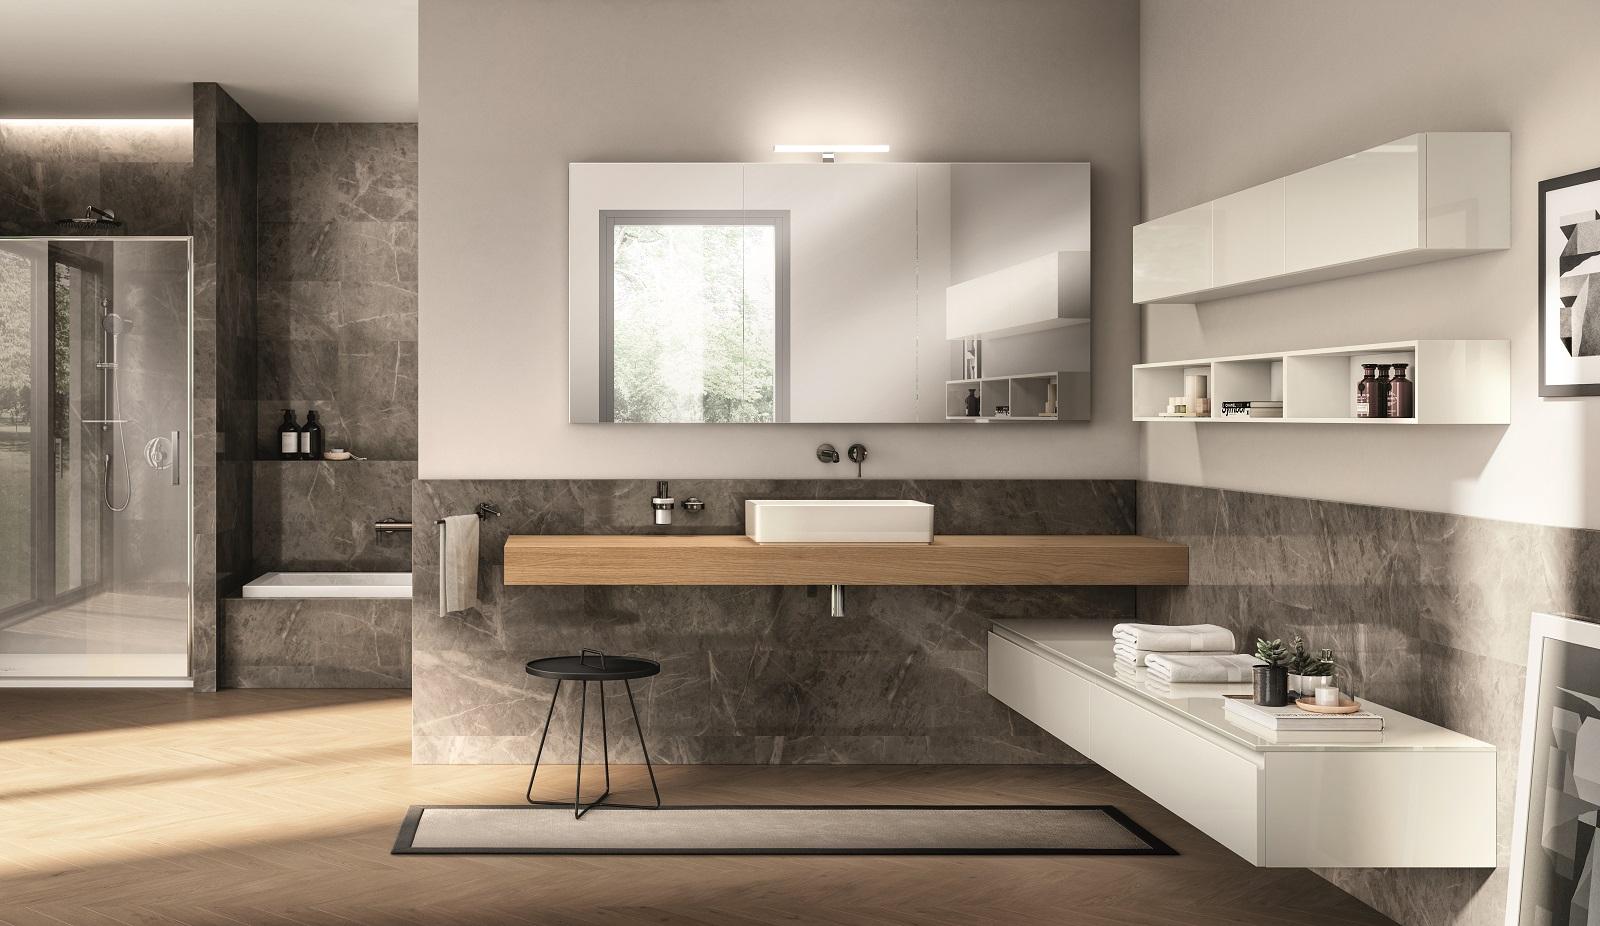 Mobile Sotto Mensola Bagno mensole bagno per il lavabo, eleganti e contemporanee - cose